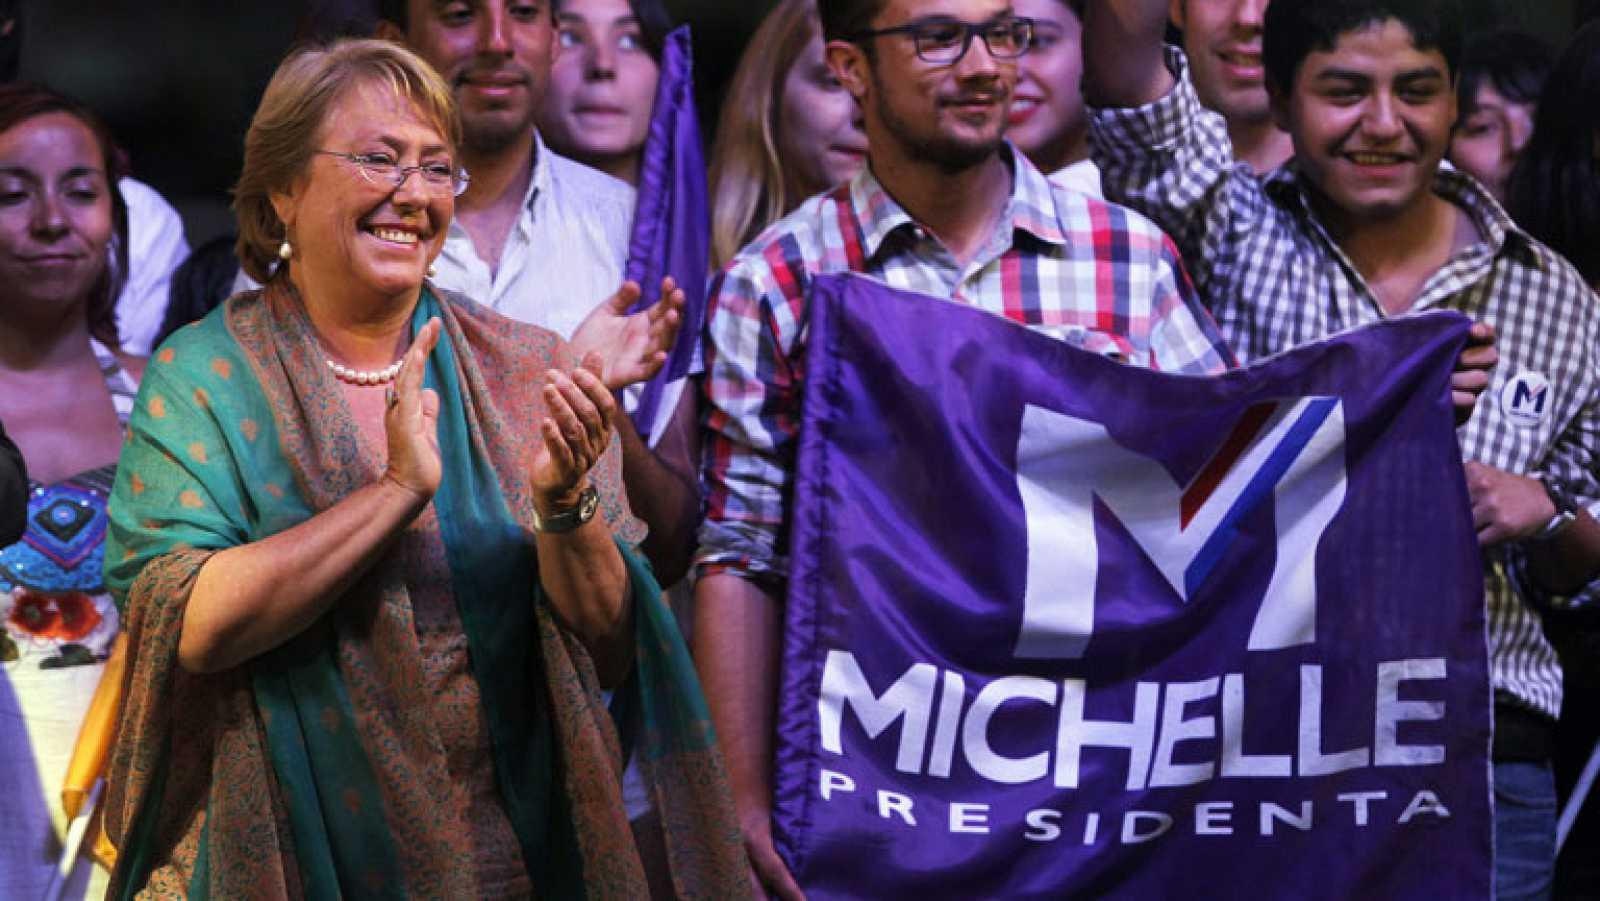 Bachelet asegura que es el momento de iniciar cambios de fondo en Chile